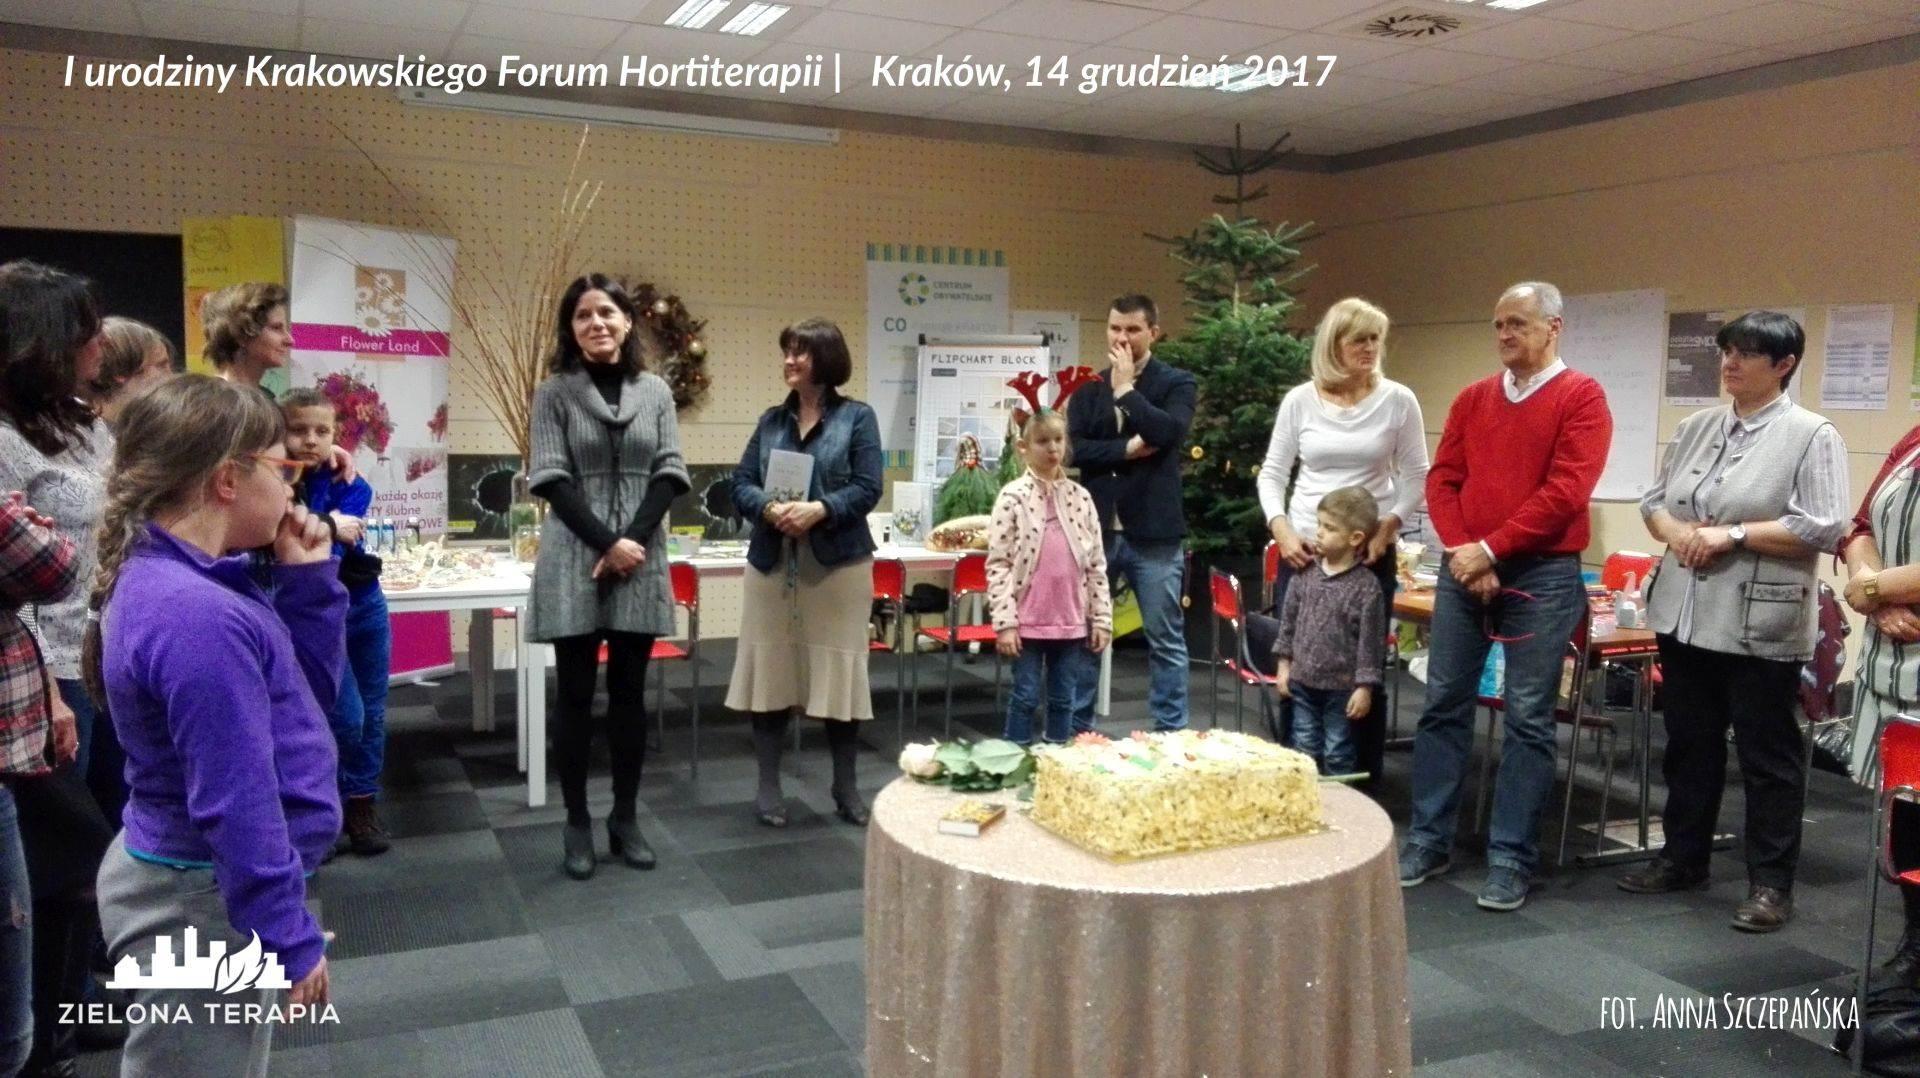 I urodziny Krakowskiego Forum Hortiterapii